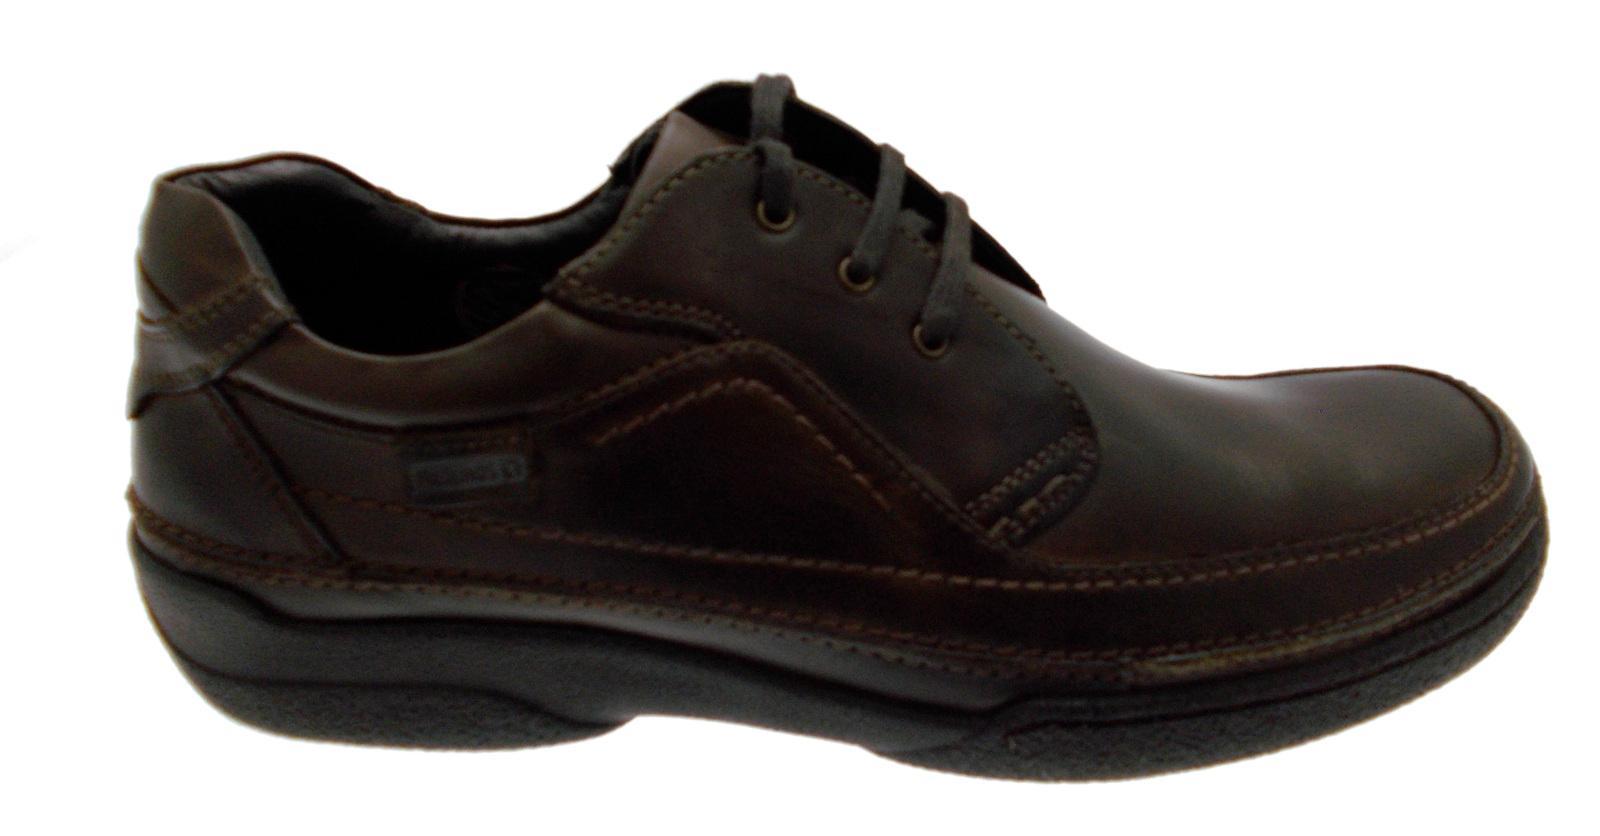 Lacci pelle marrone art art art 04K-5621 scarpa uomo classica Pikolinos 2f7799